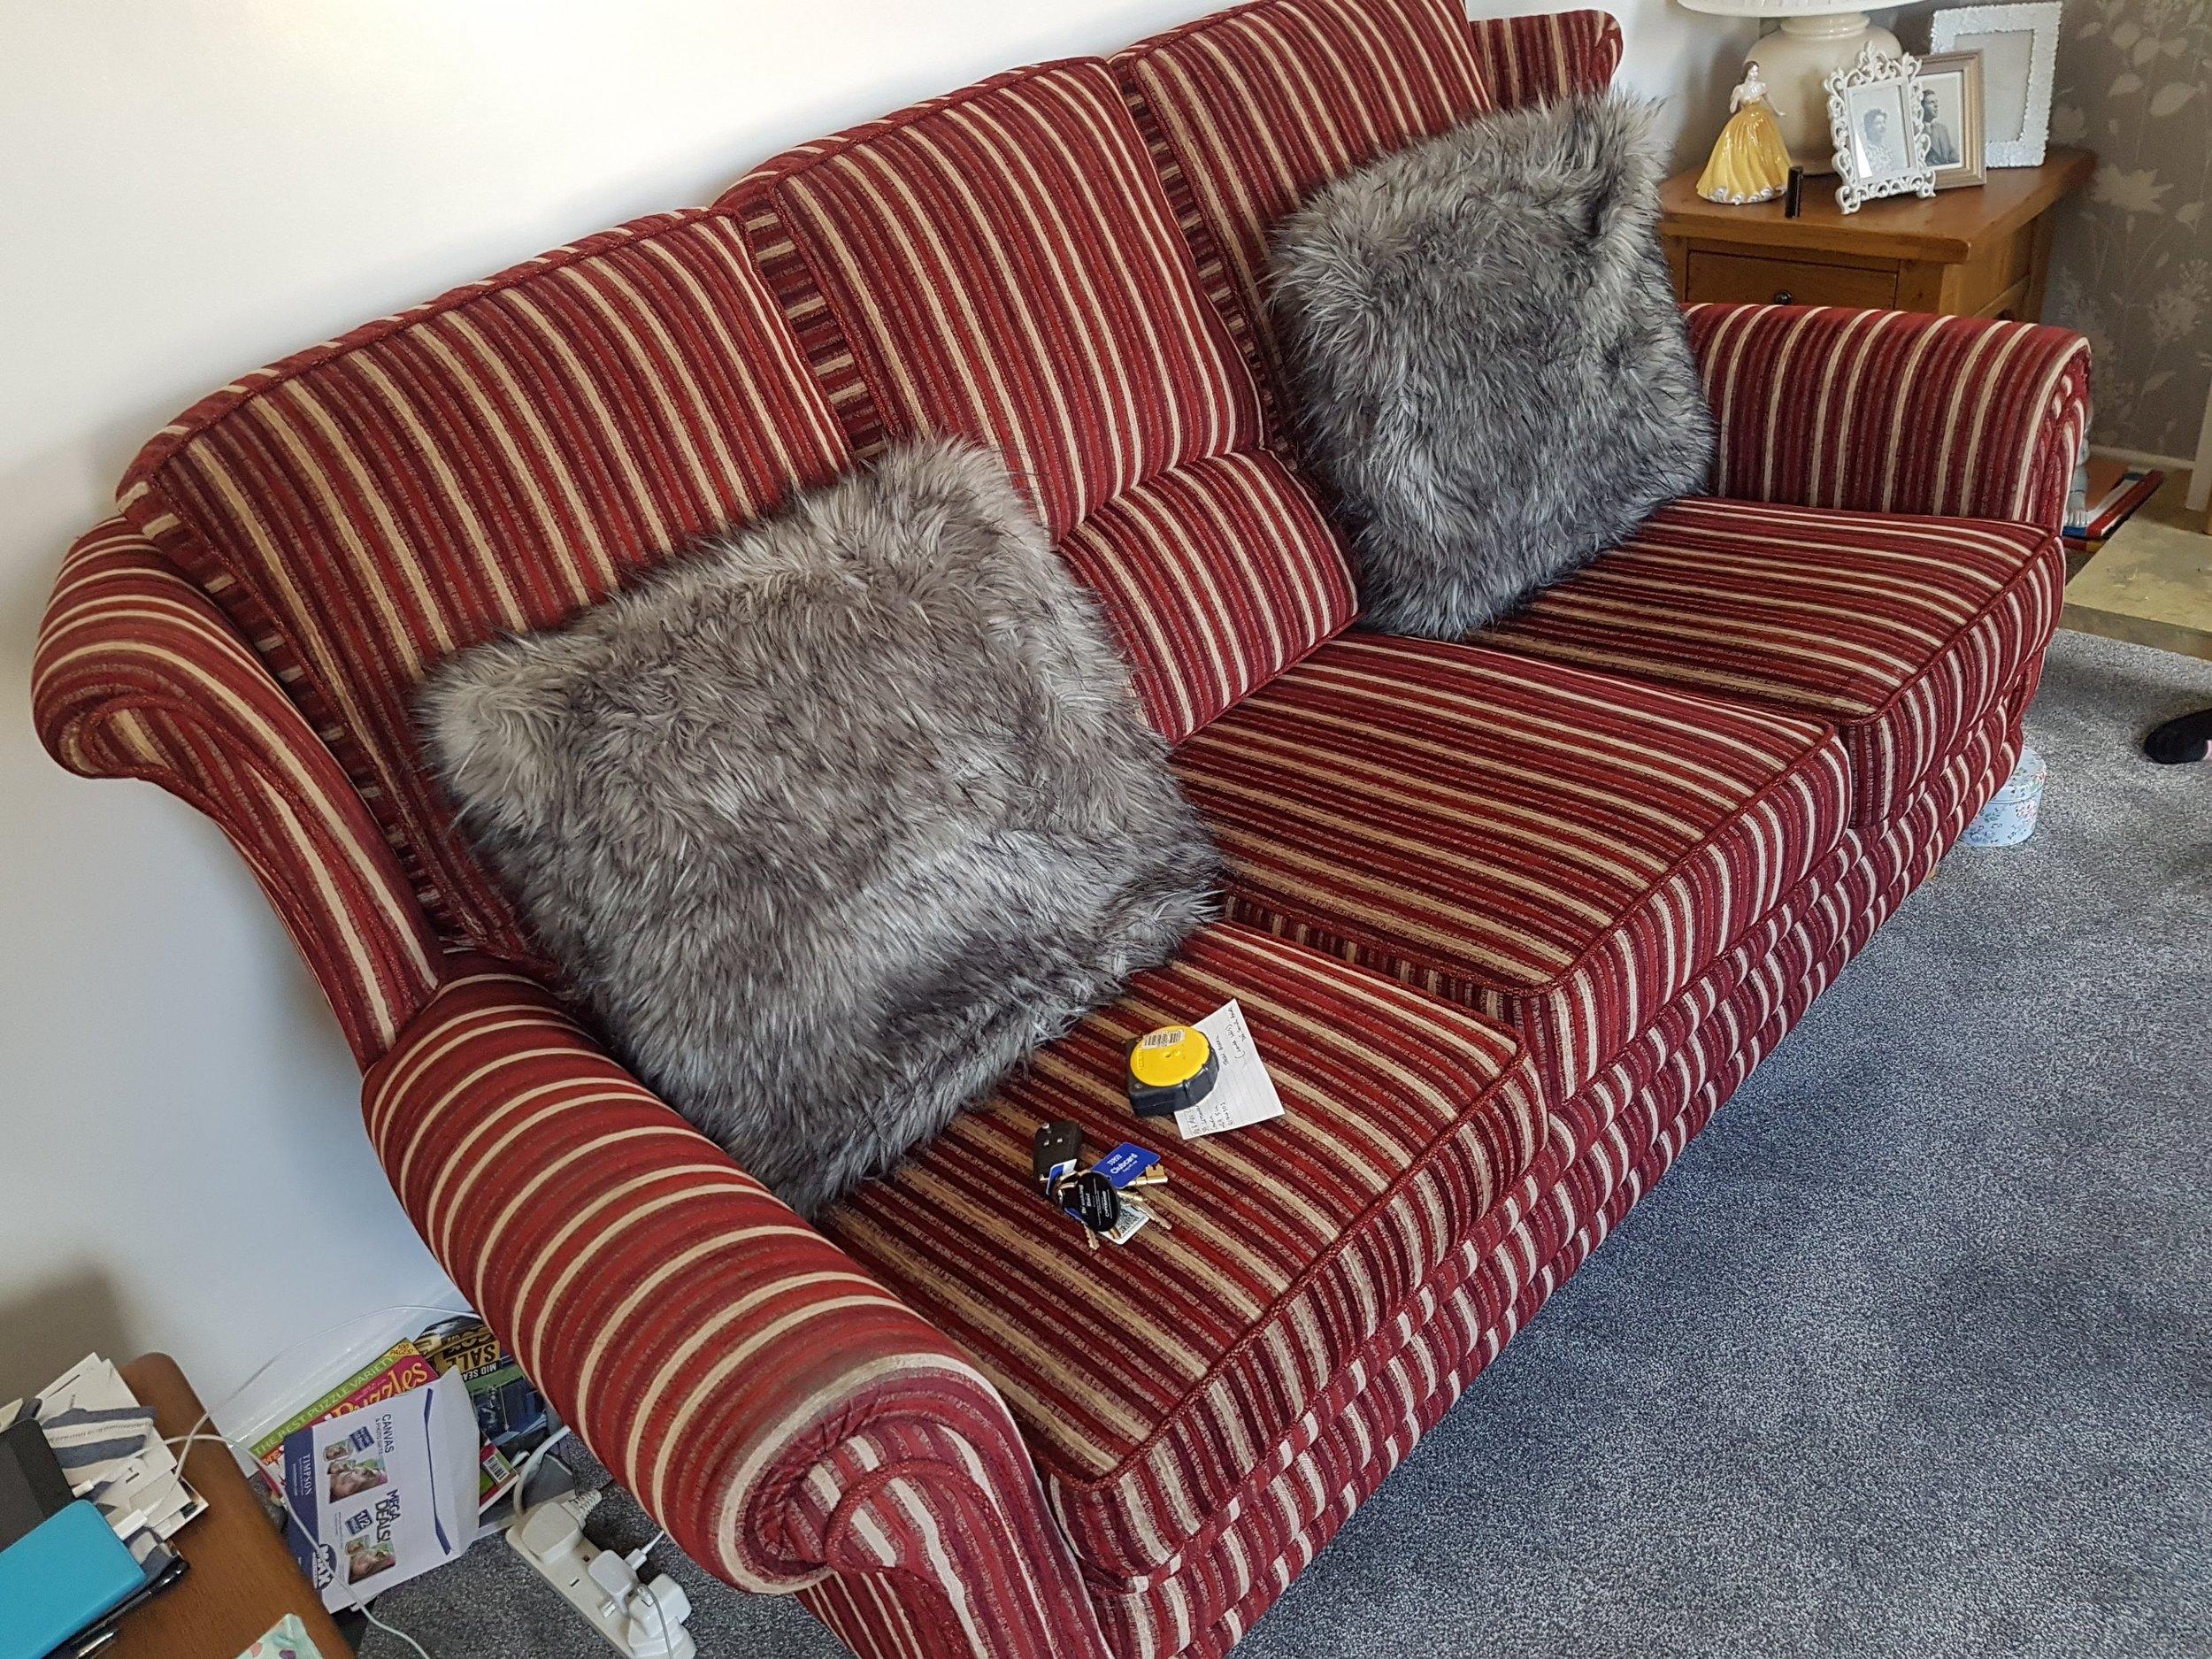 3 Cushion to 2 Cushion Sofa - Before